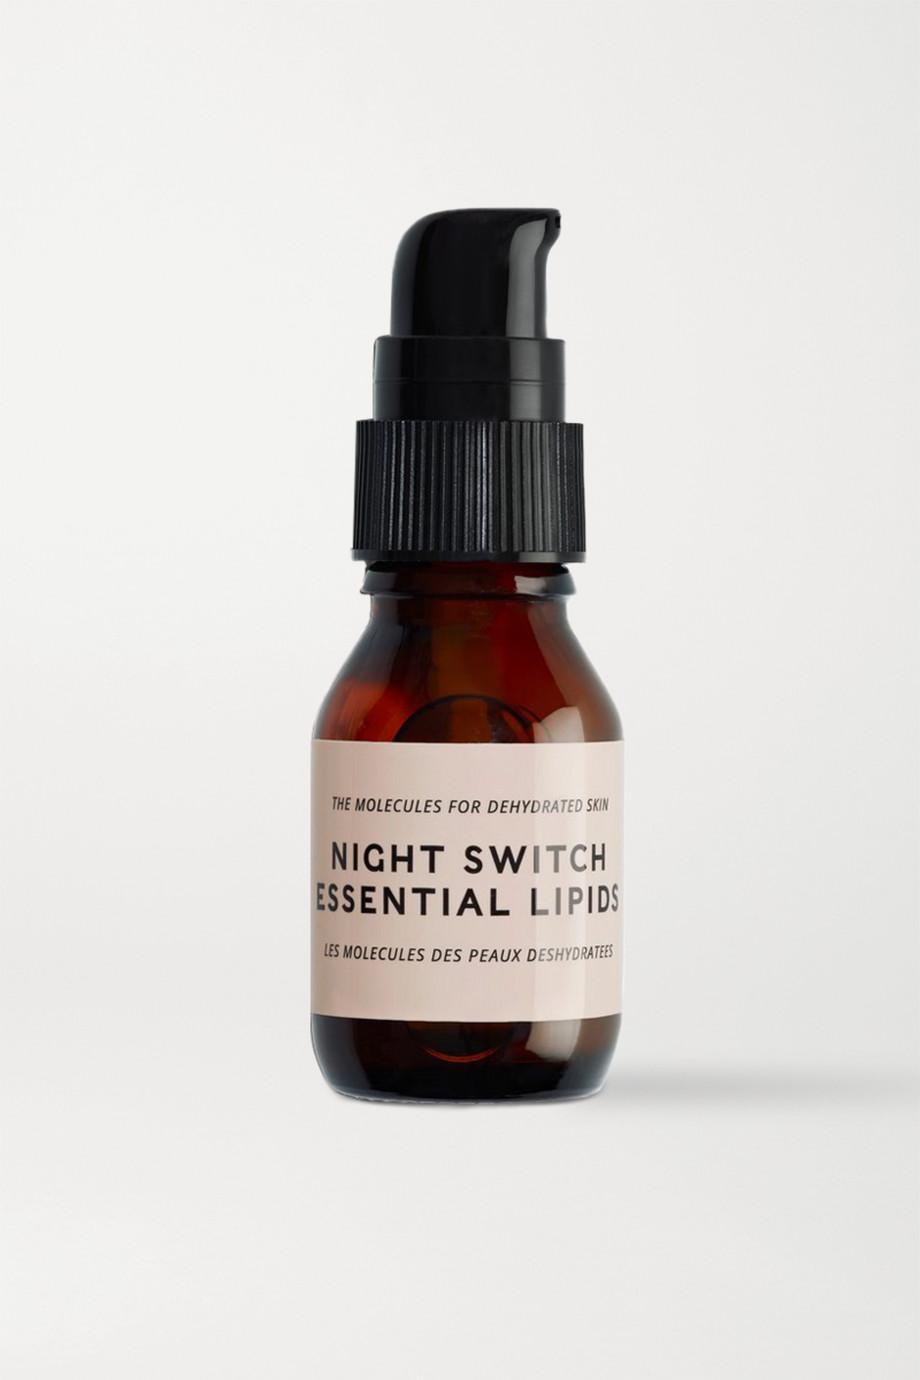 Lixirskin Night Switch Essential Lipids, 15ml